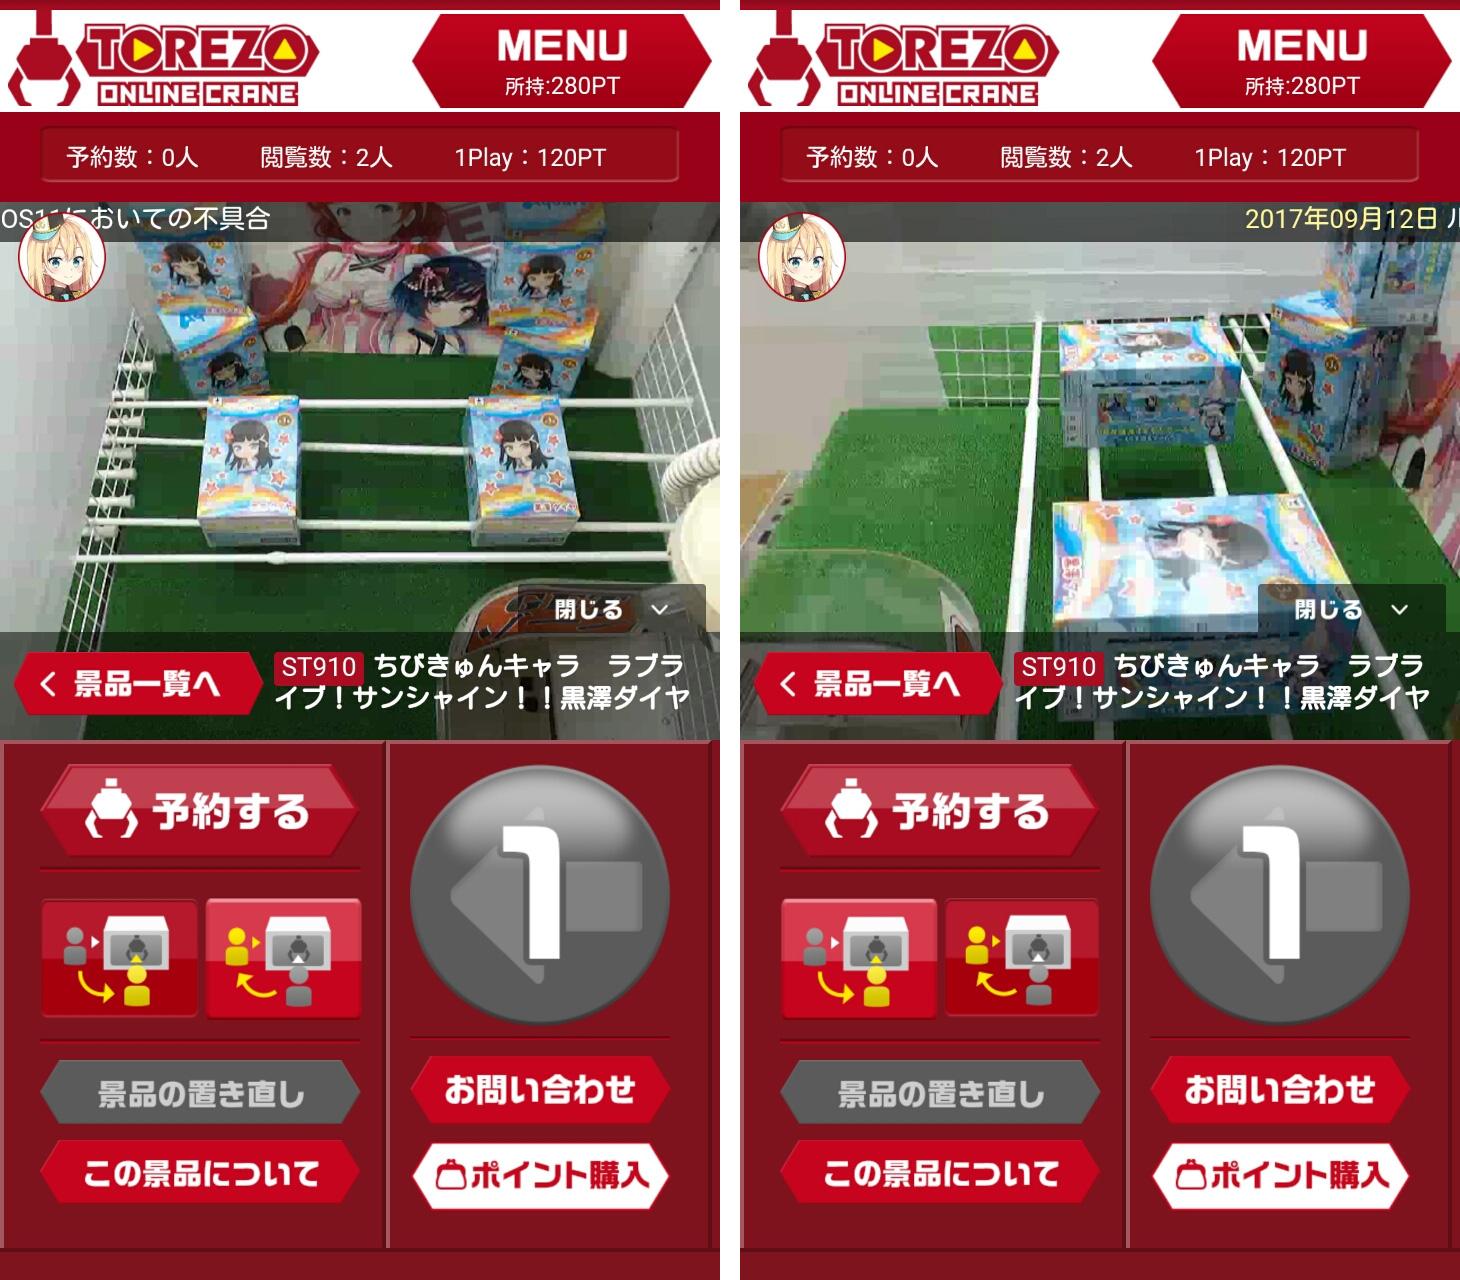 TOREZO(トレゾー) androidアプリスクリーンショット3